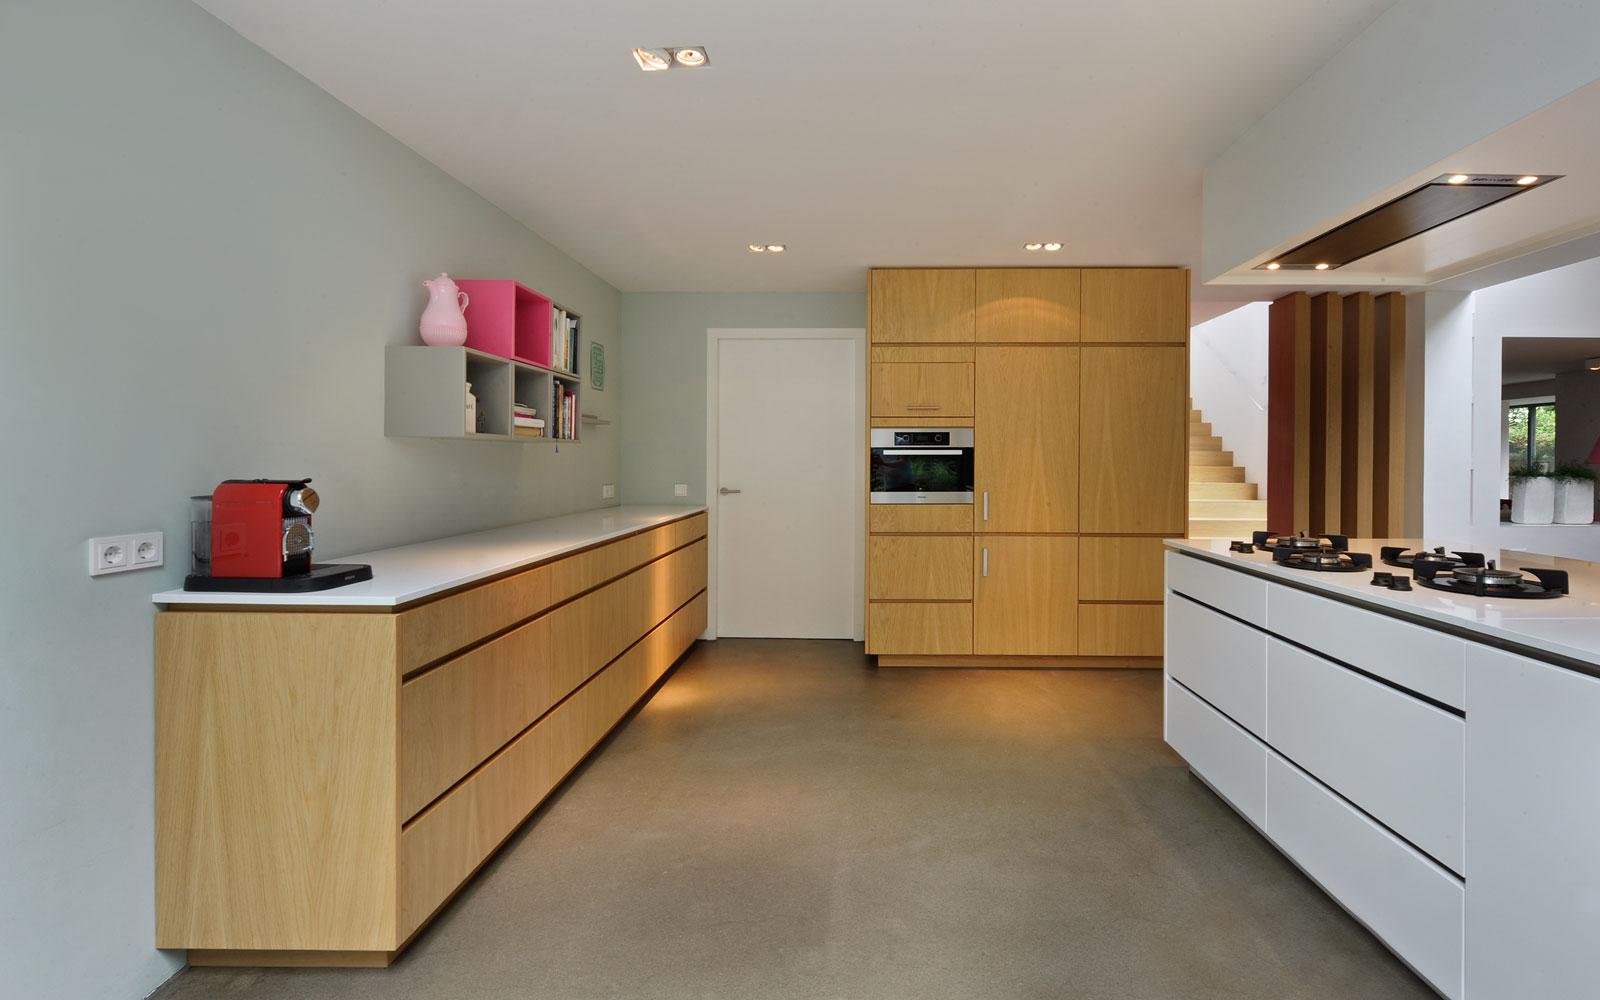 Maatwerk keuken, Marcel Zwaard, houten kasten, wit kookeiland, jaren 70 woning, De Bever Architecten